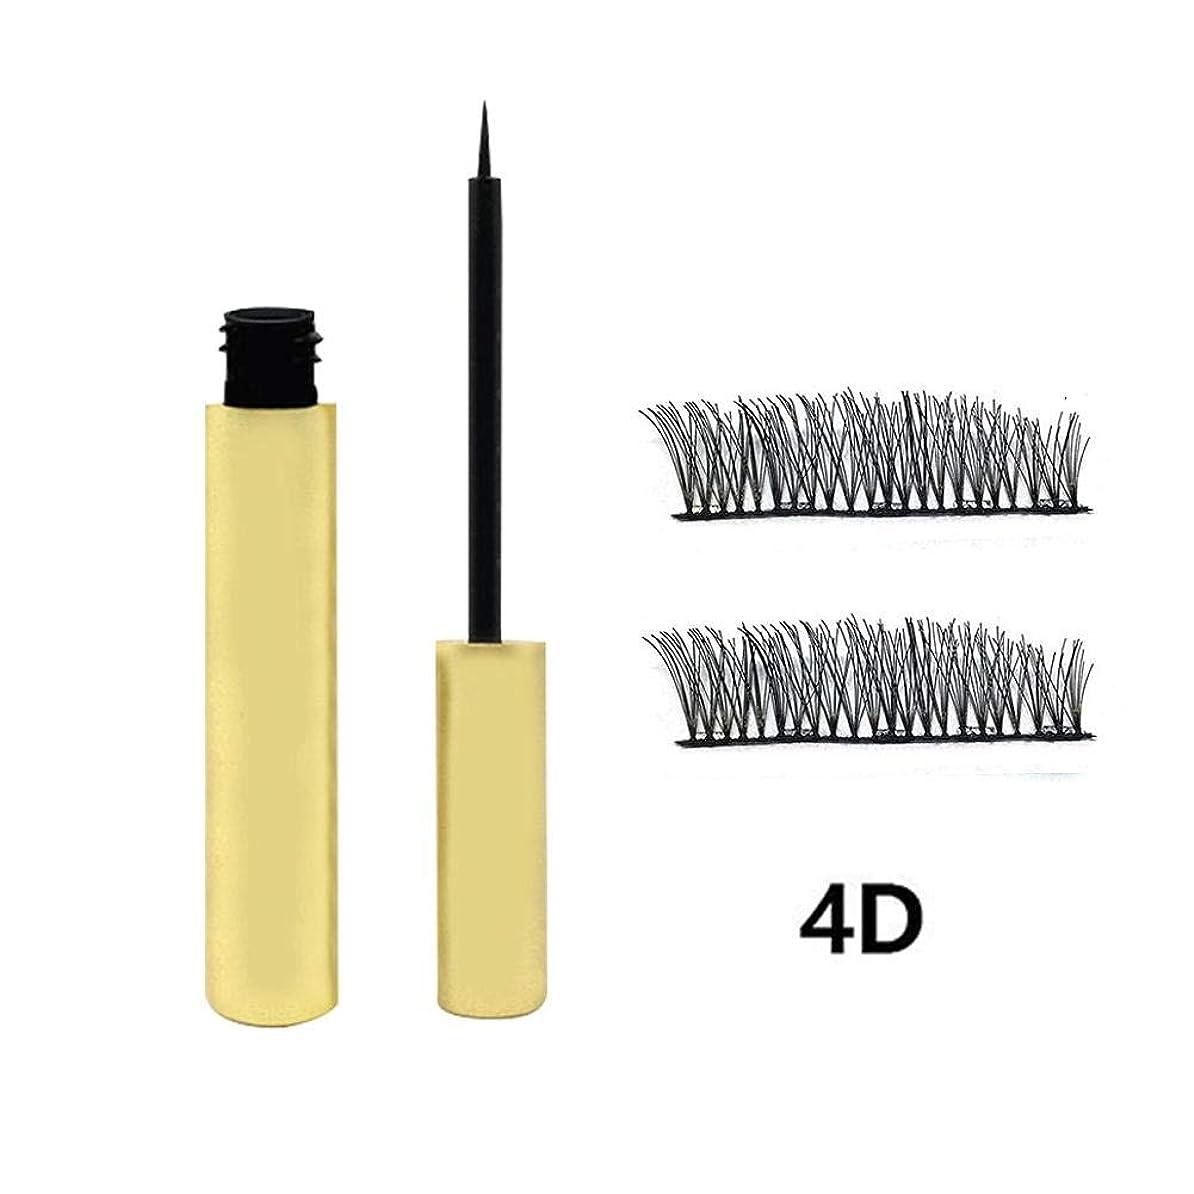 提唱するクアッガ風が強い磁気アイライナーセット 3Dつけまつげ 磁気アイライナー 磁気まつげキット 防水 長持ちアイライナーつけまつげ 磁気液体 高速乾燥 使い易い 長持ち 初心者 美容院 化粧品 ID3454